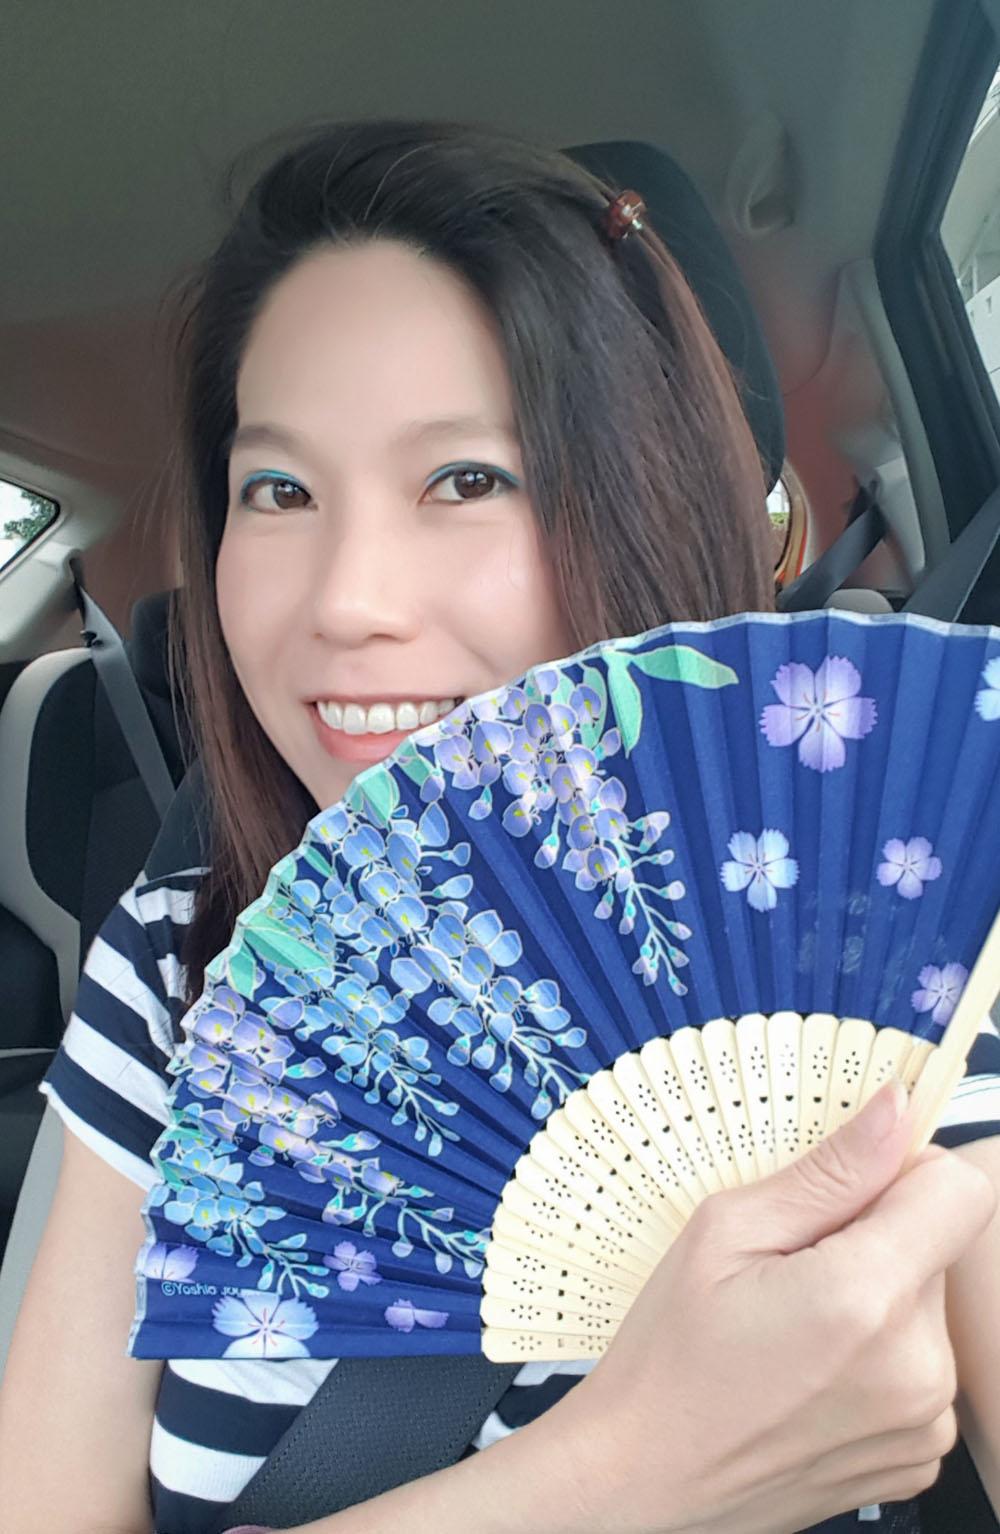 Self-drive okinawa